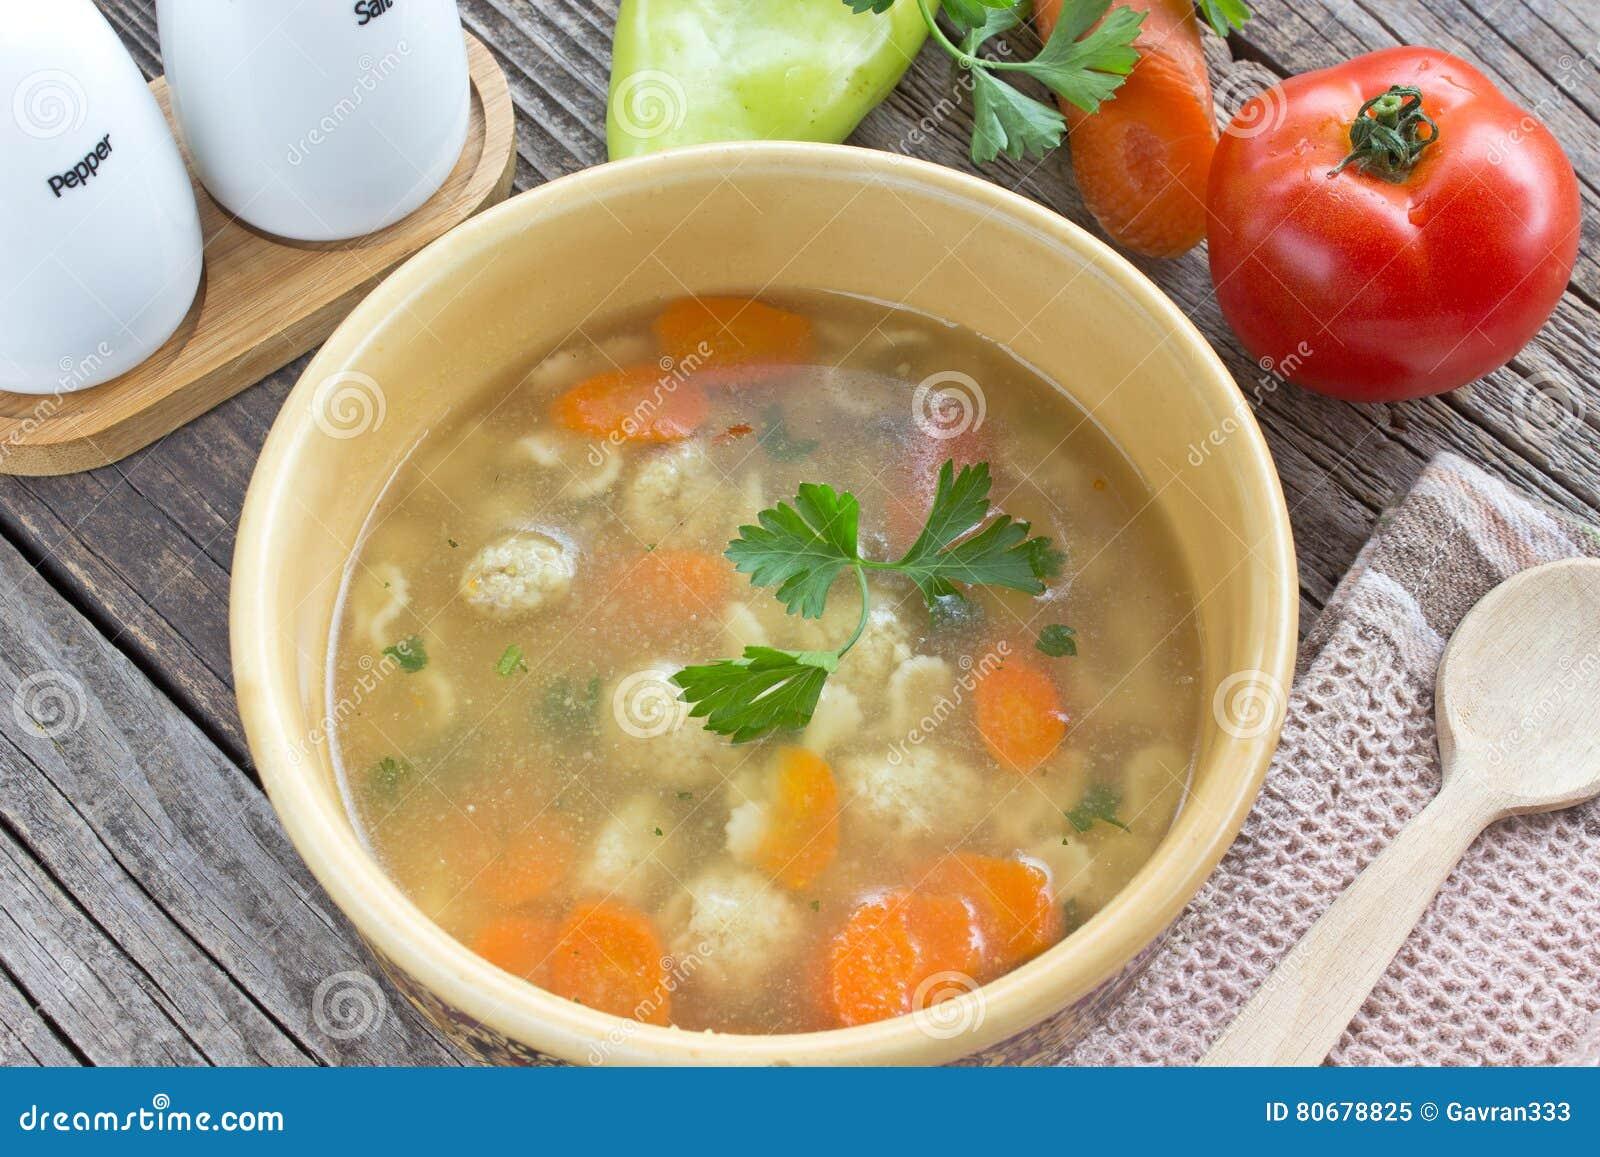 soupe avec des boulettes de viande et des l gumes image stock image du d jeuner cuisine 80678825. Black Bedroom Furniture Sets. Home Design Ideas